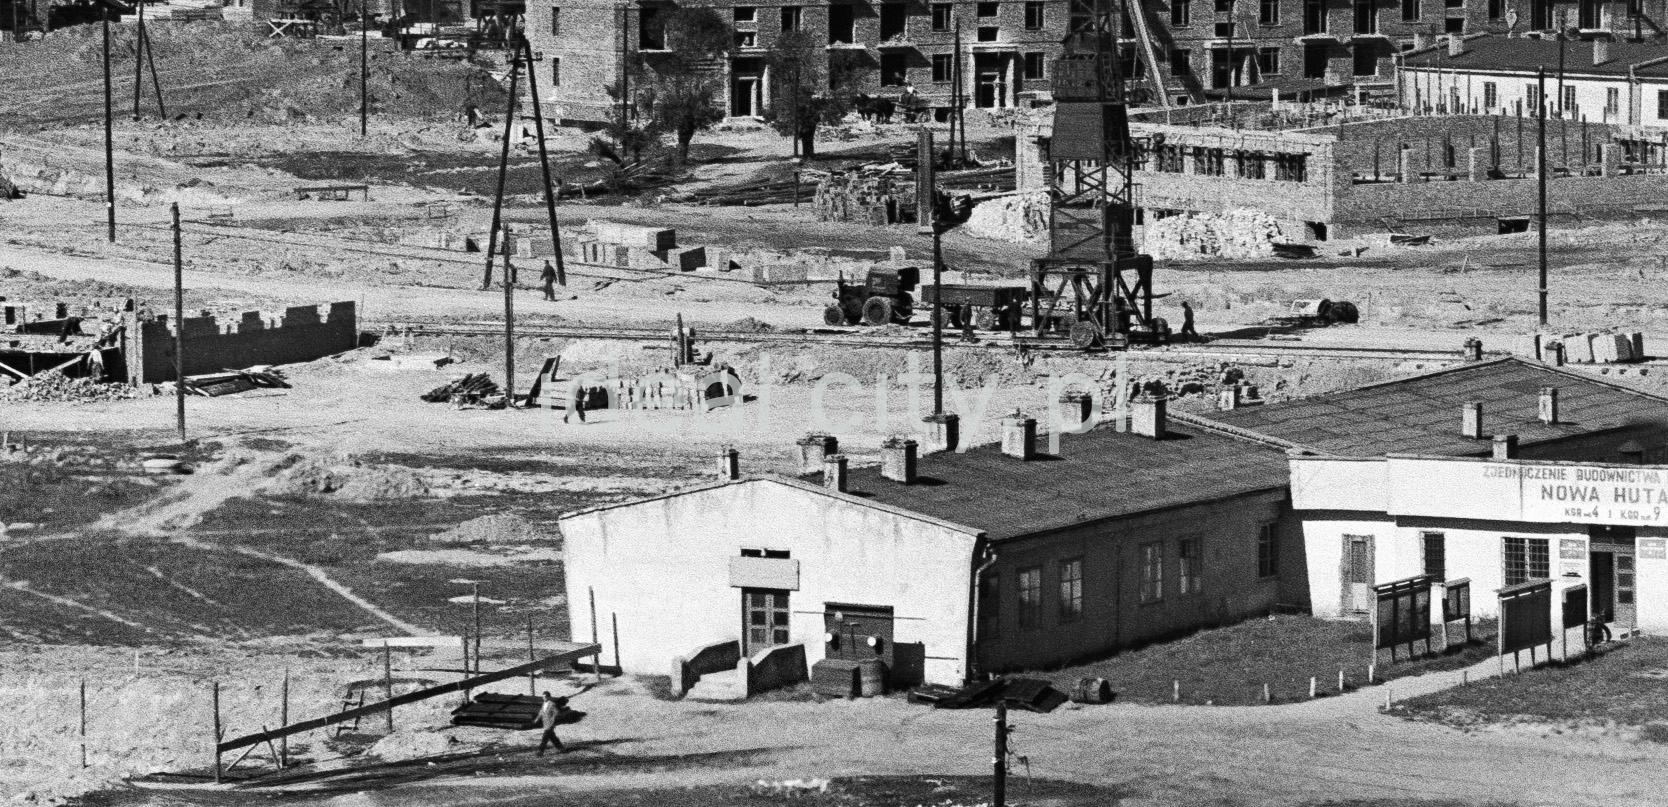 Widok z góry na baraki biurowe ulokowane na obszernym placu.